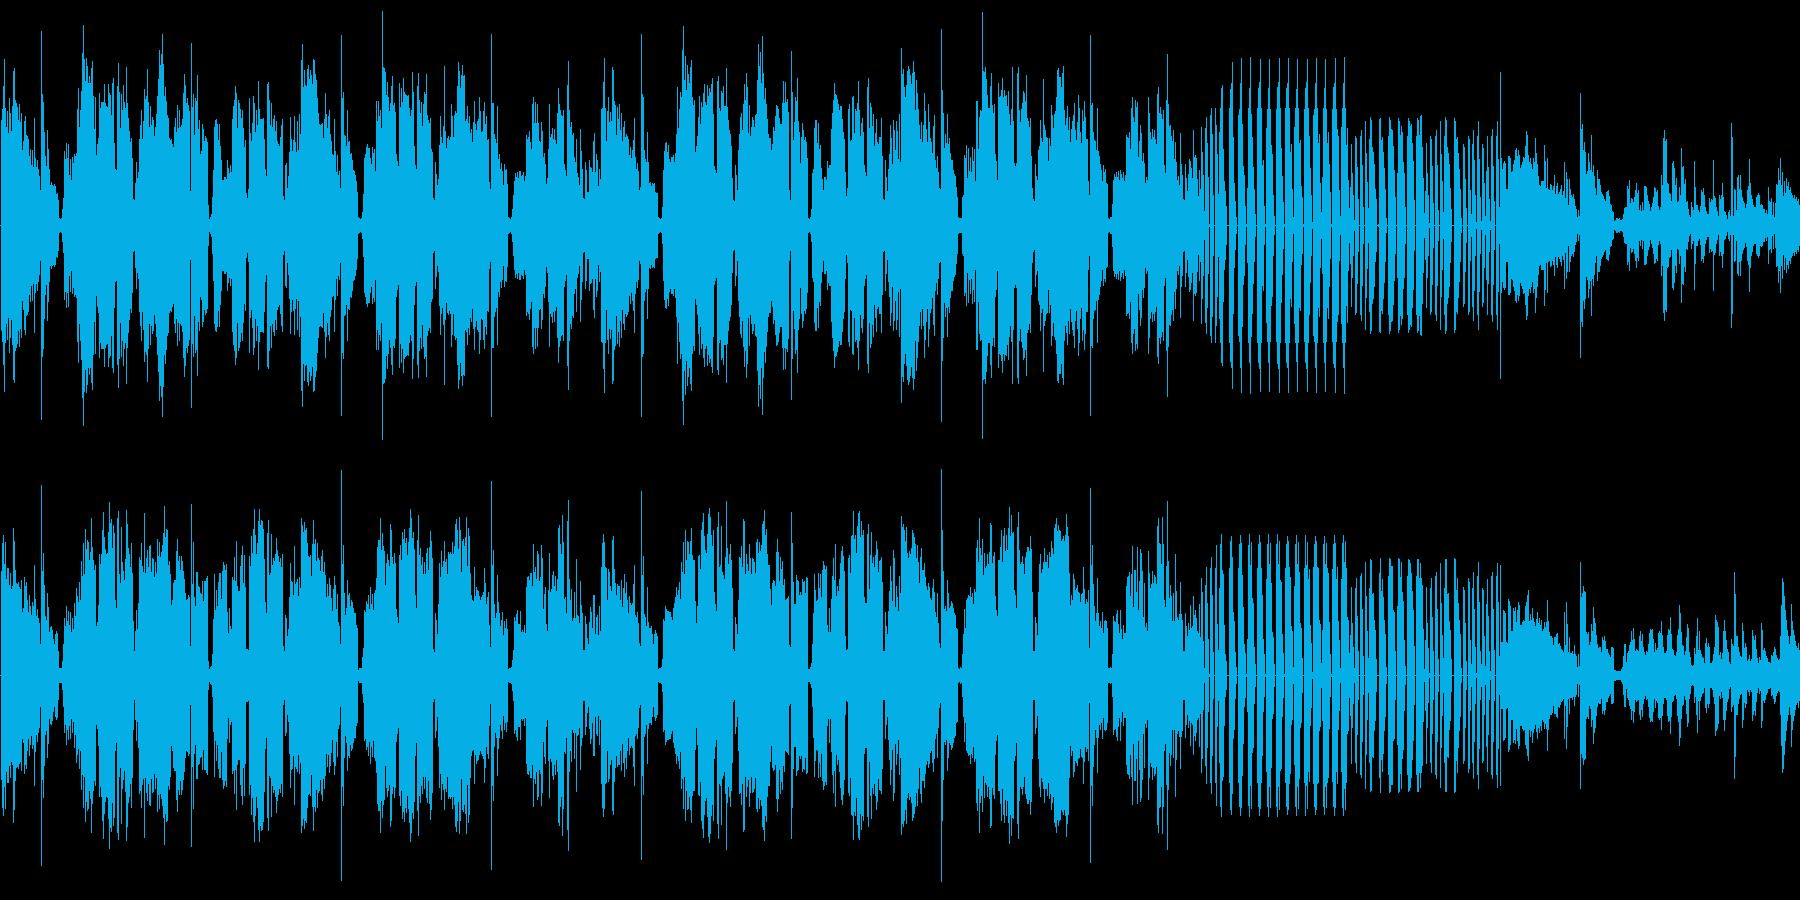 【ファンタジー/幻想的/エレクトロニカ】の再生済みの波形